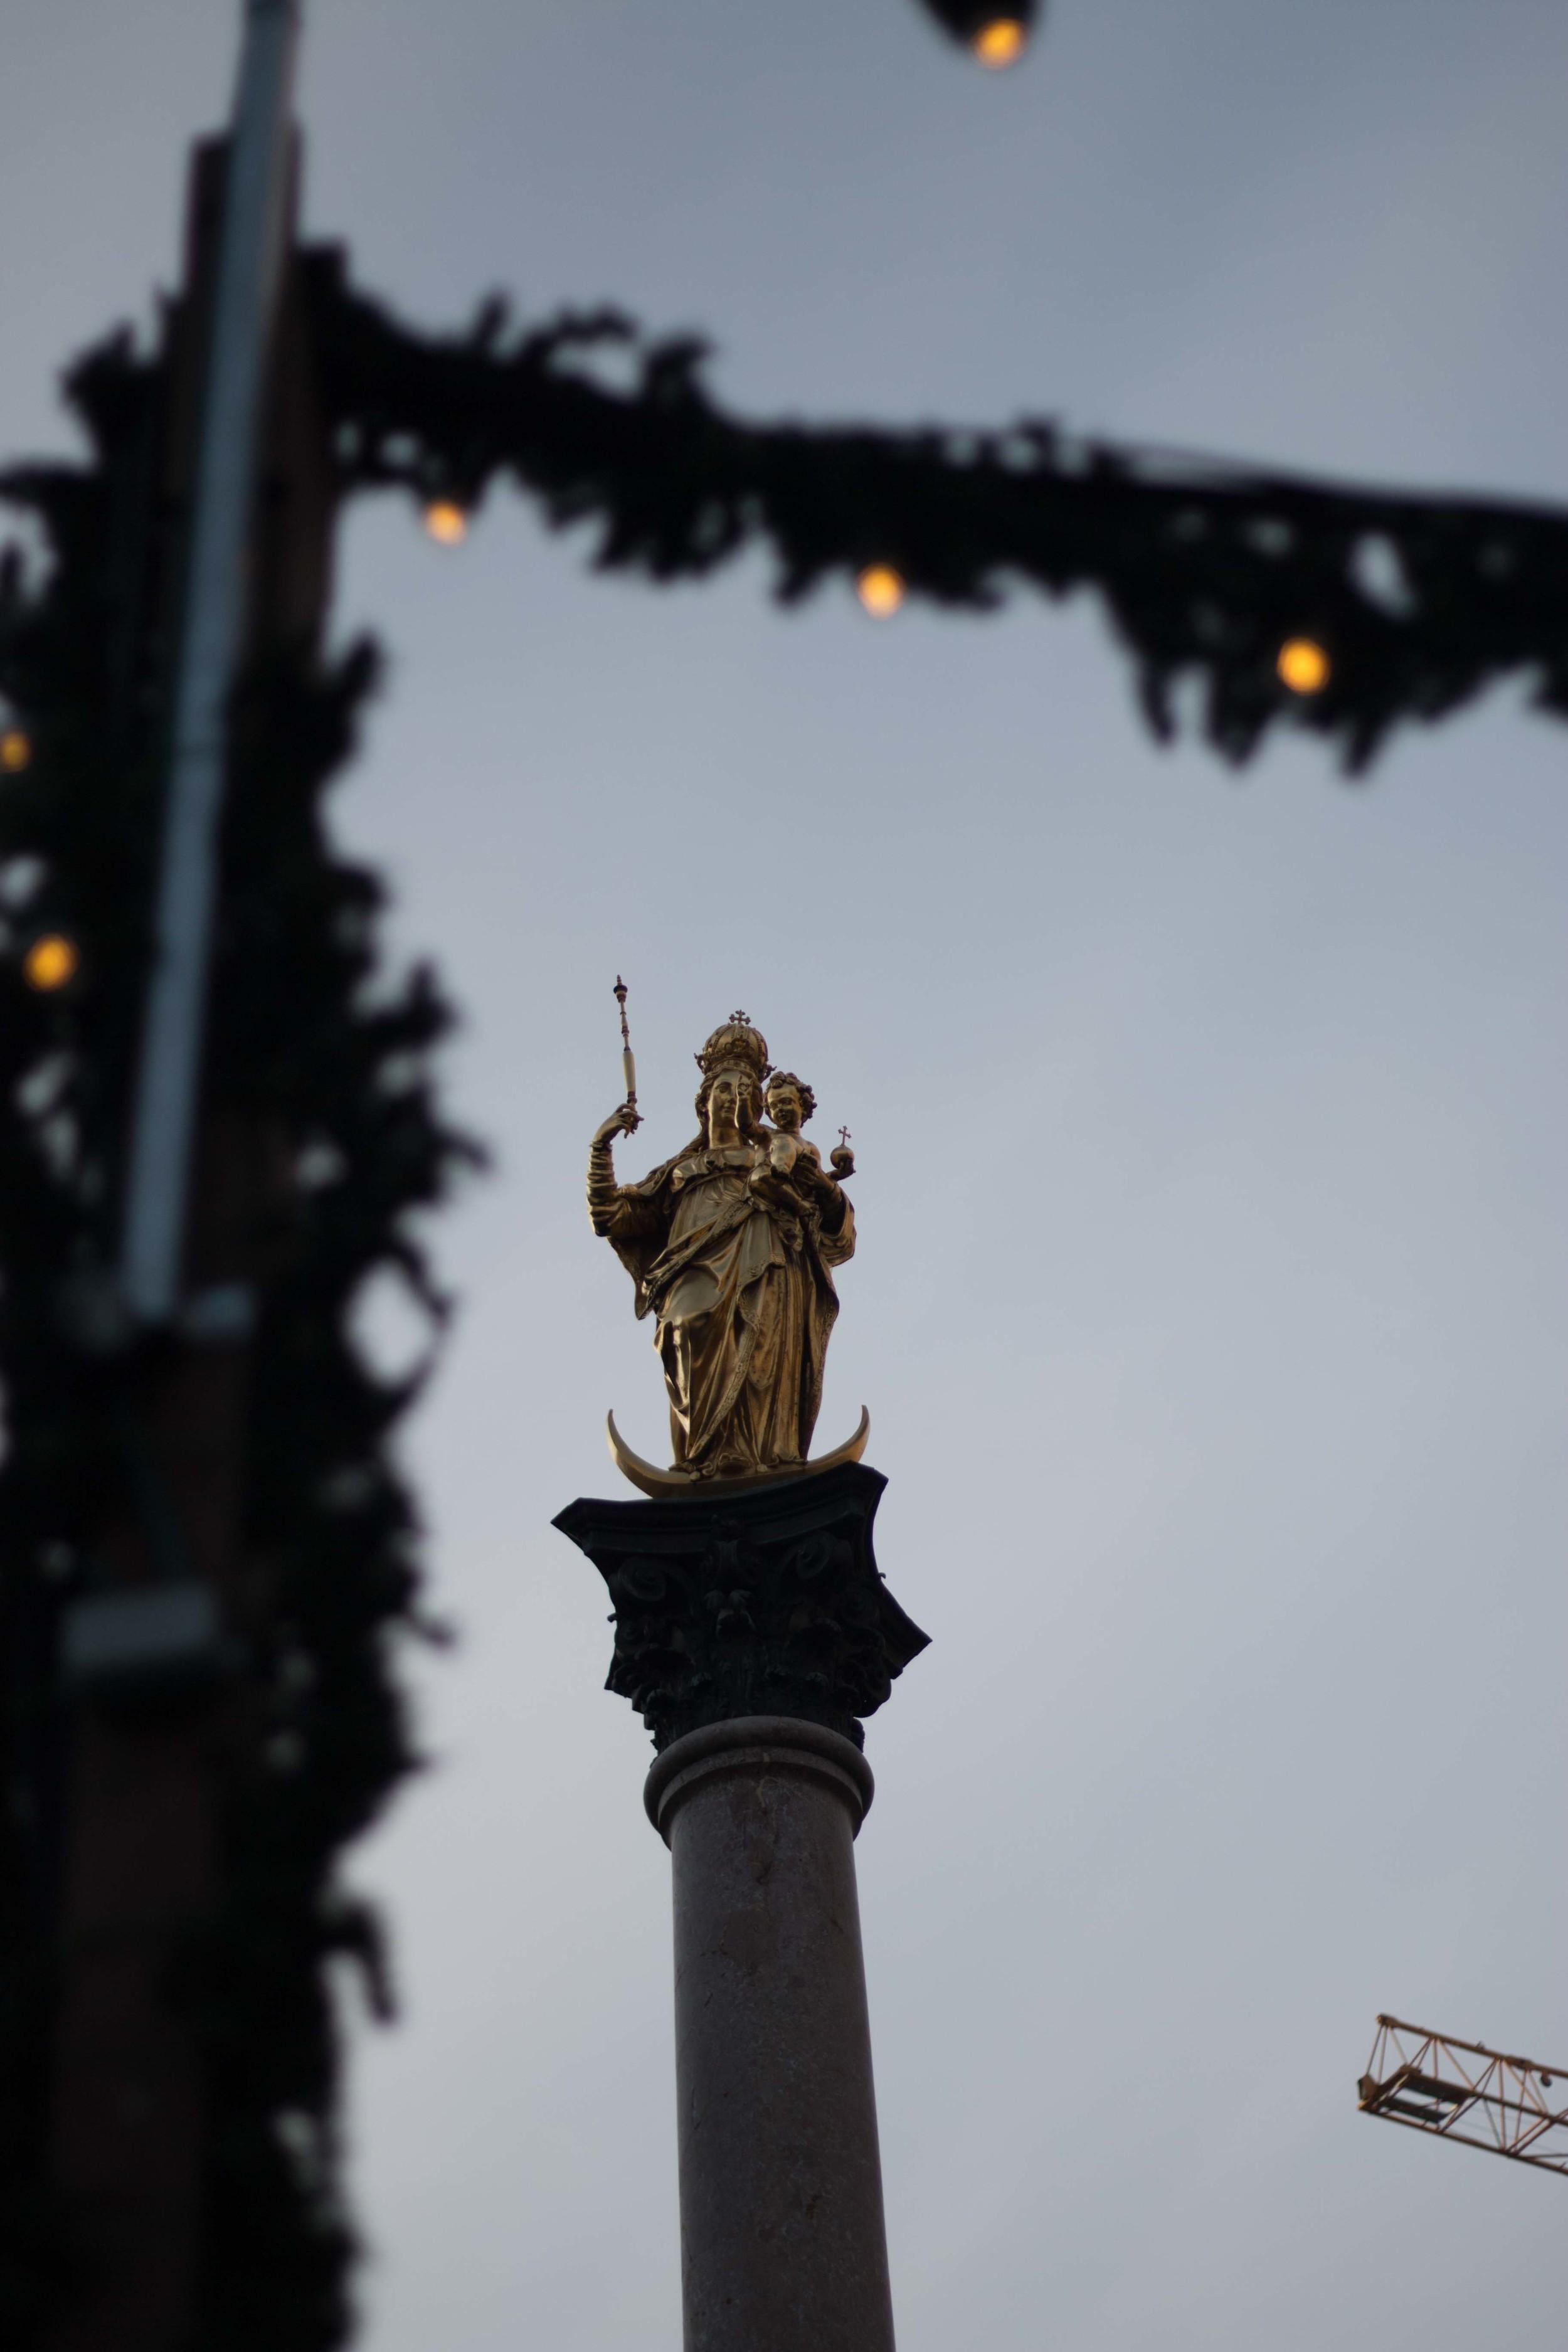 Virgin Mary in Munich Marienplatz